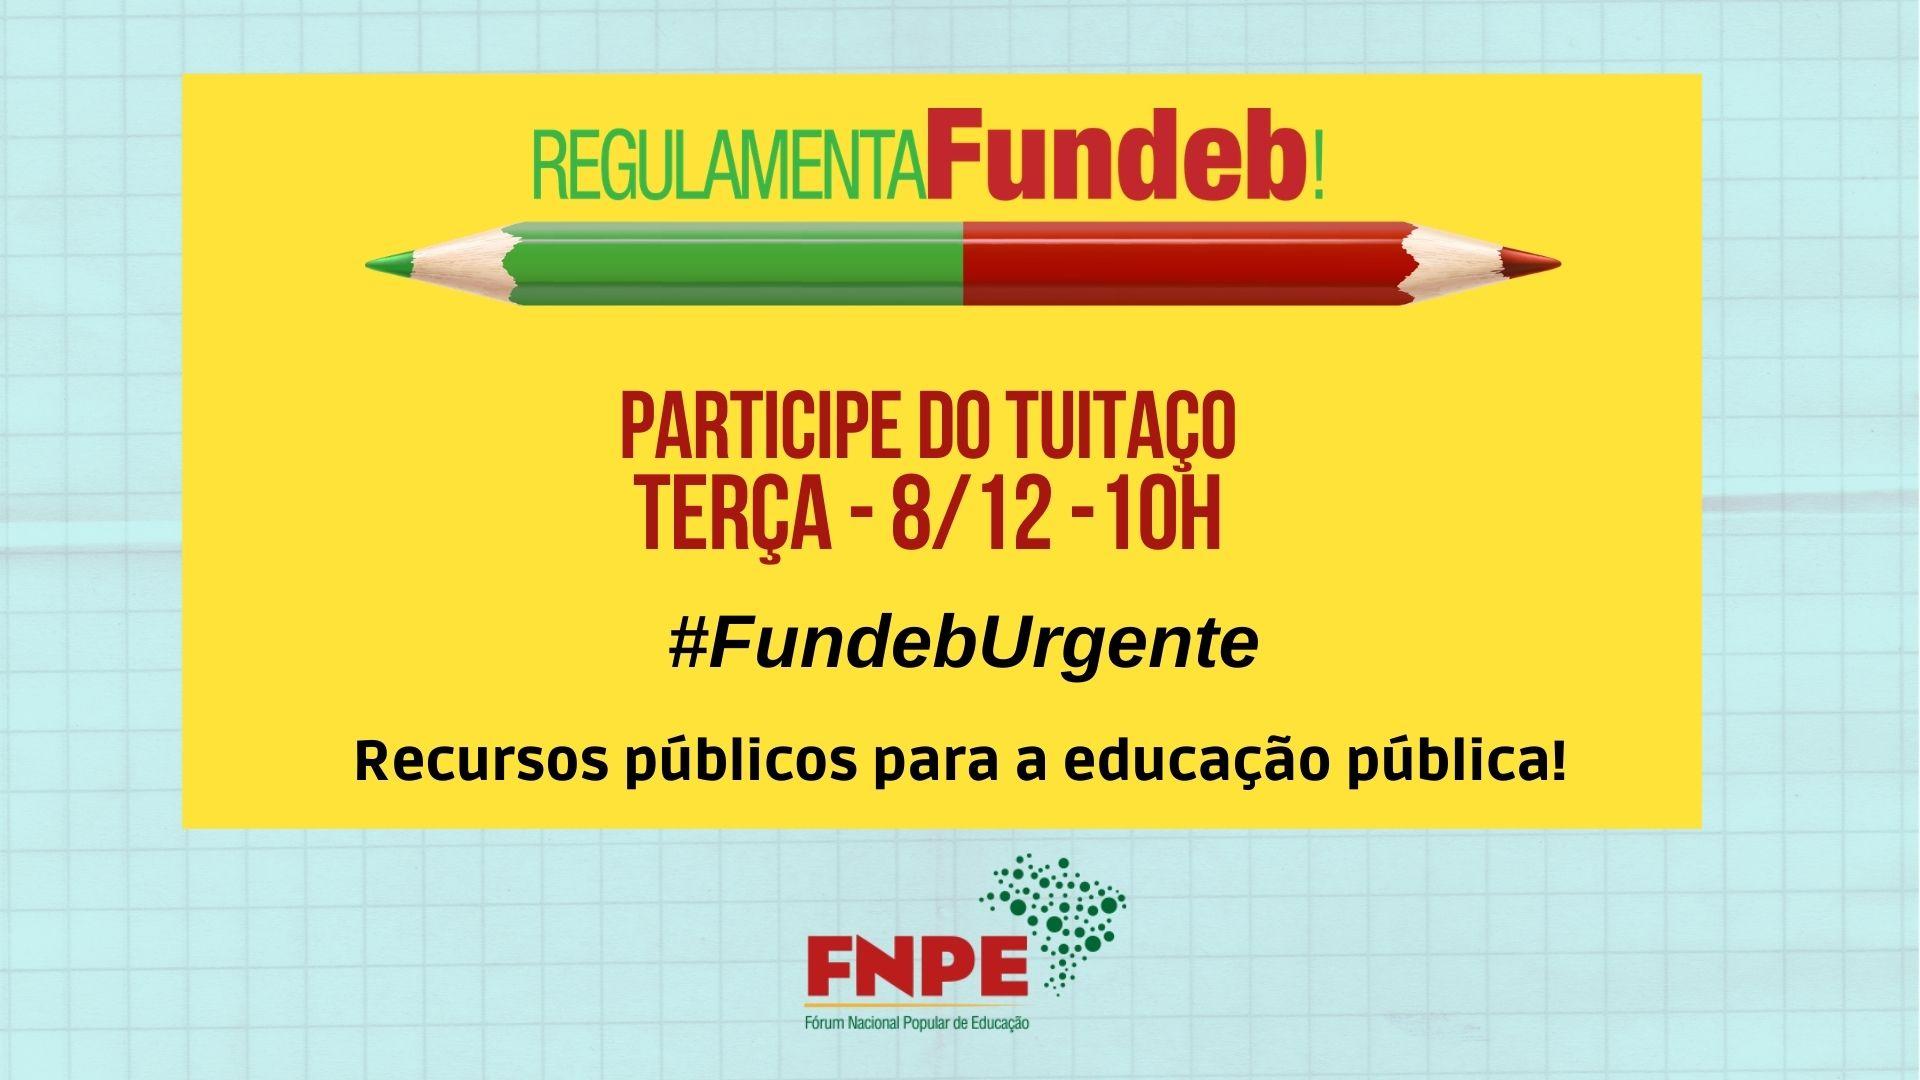 fundeb urgente dez 2020 participe tuitaco twitter